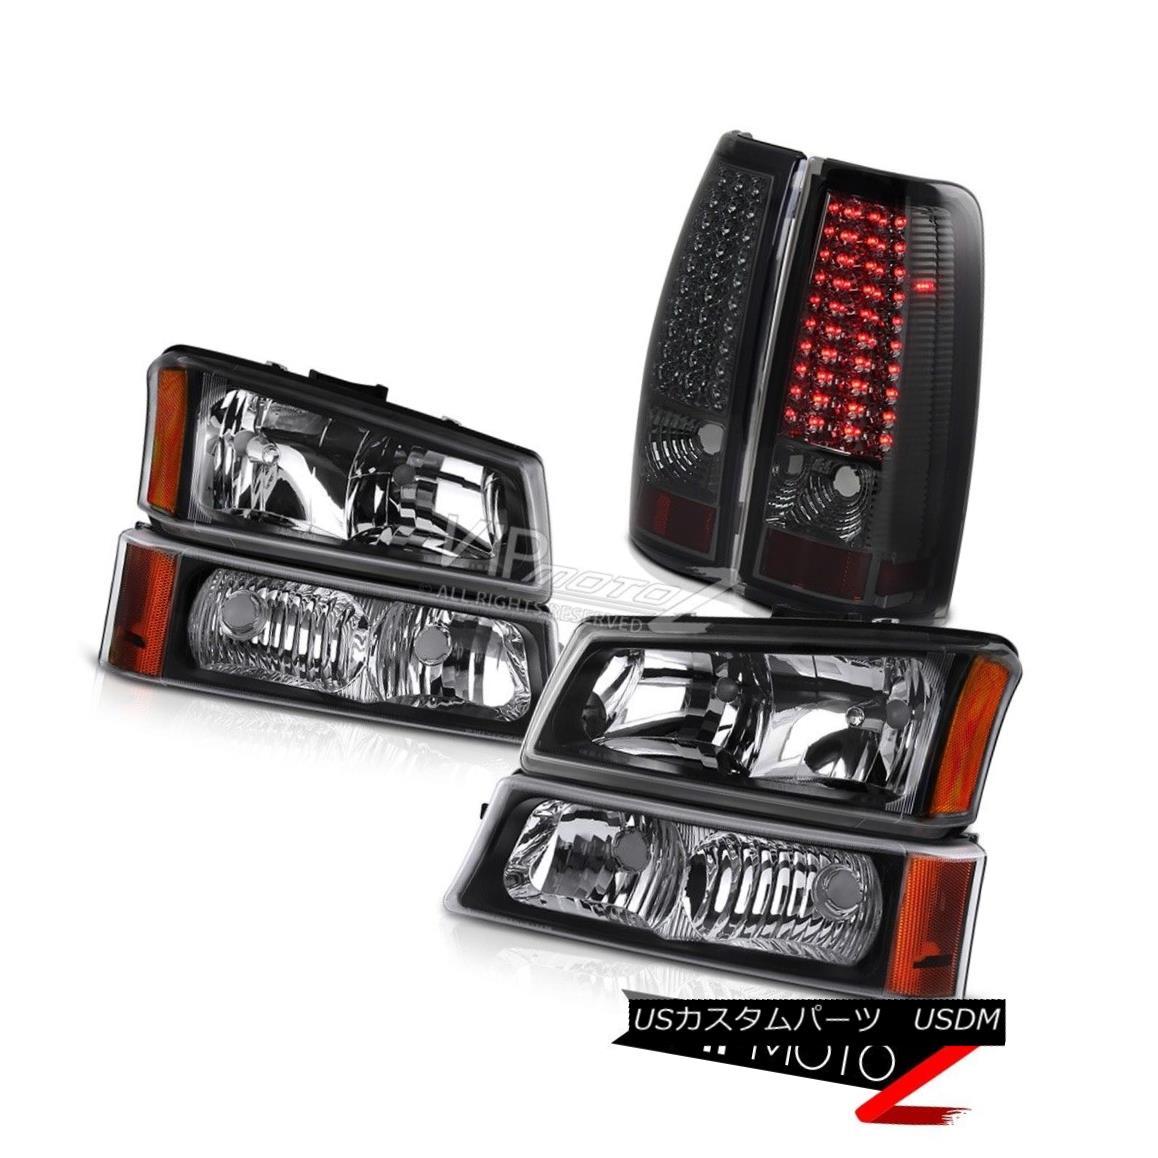 ヘッドライト Headlights Black Signal Bumper Set 2003 2004 Chevy Silverado LED Bulb Tail Light ヘッドライトブラック信号バンパーセット2003 2004 Chevy Silverado LED電球テールライト